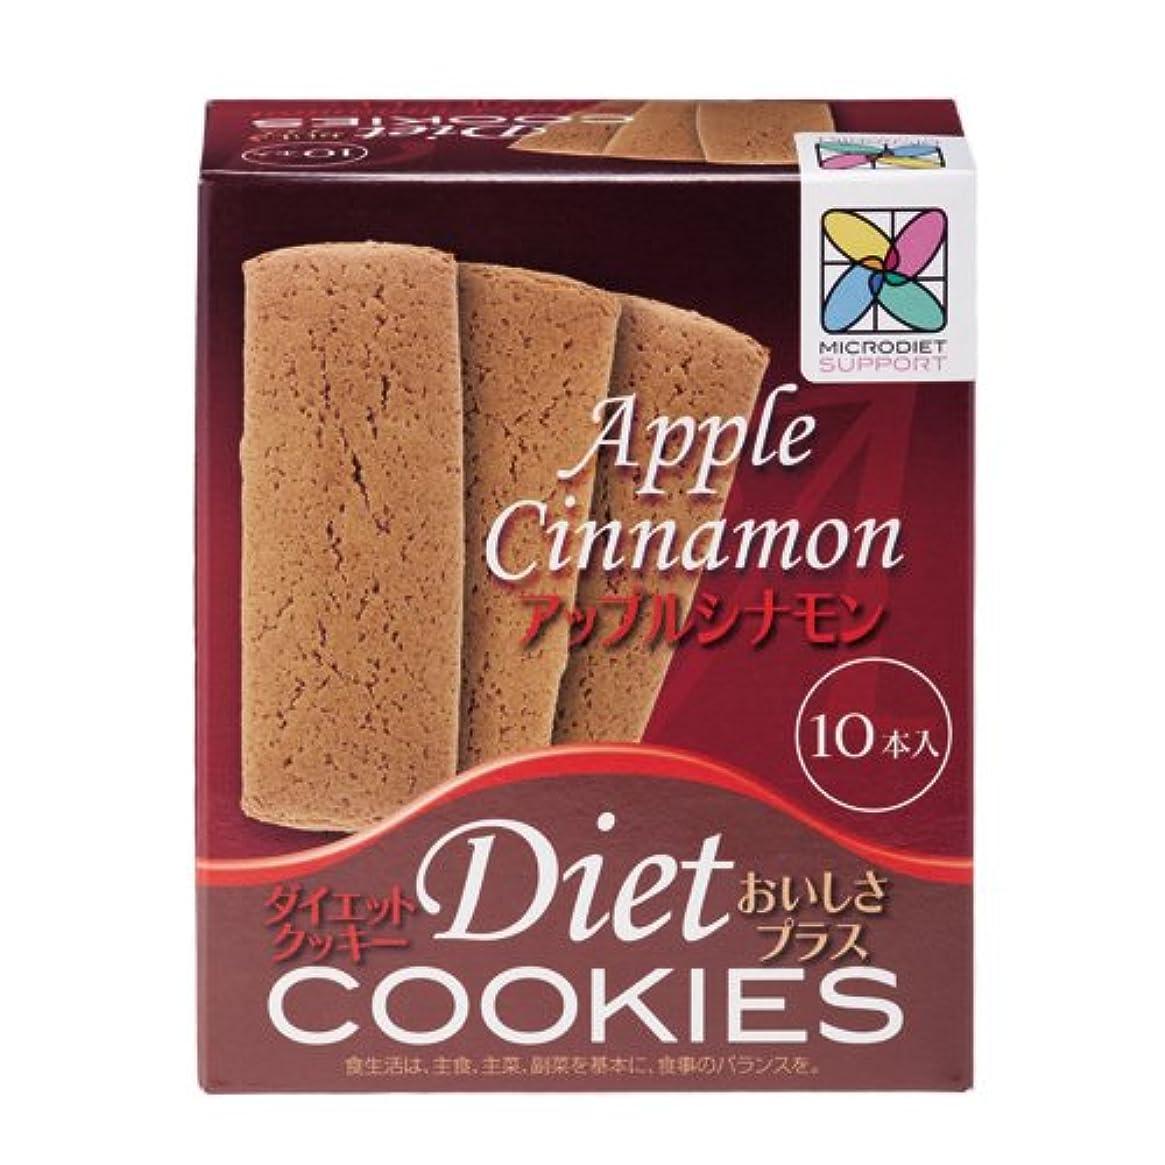 宝石つまずく独立ダイエットクッキーおいしさプラス(アップルシナモン:1箱)(03754)